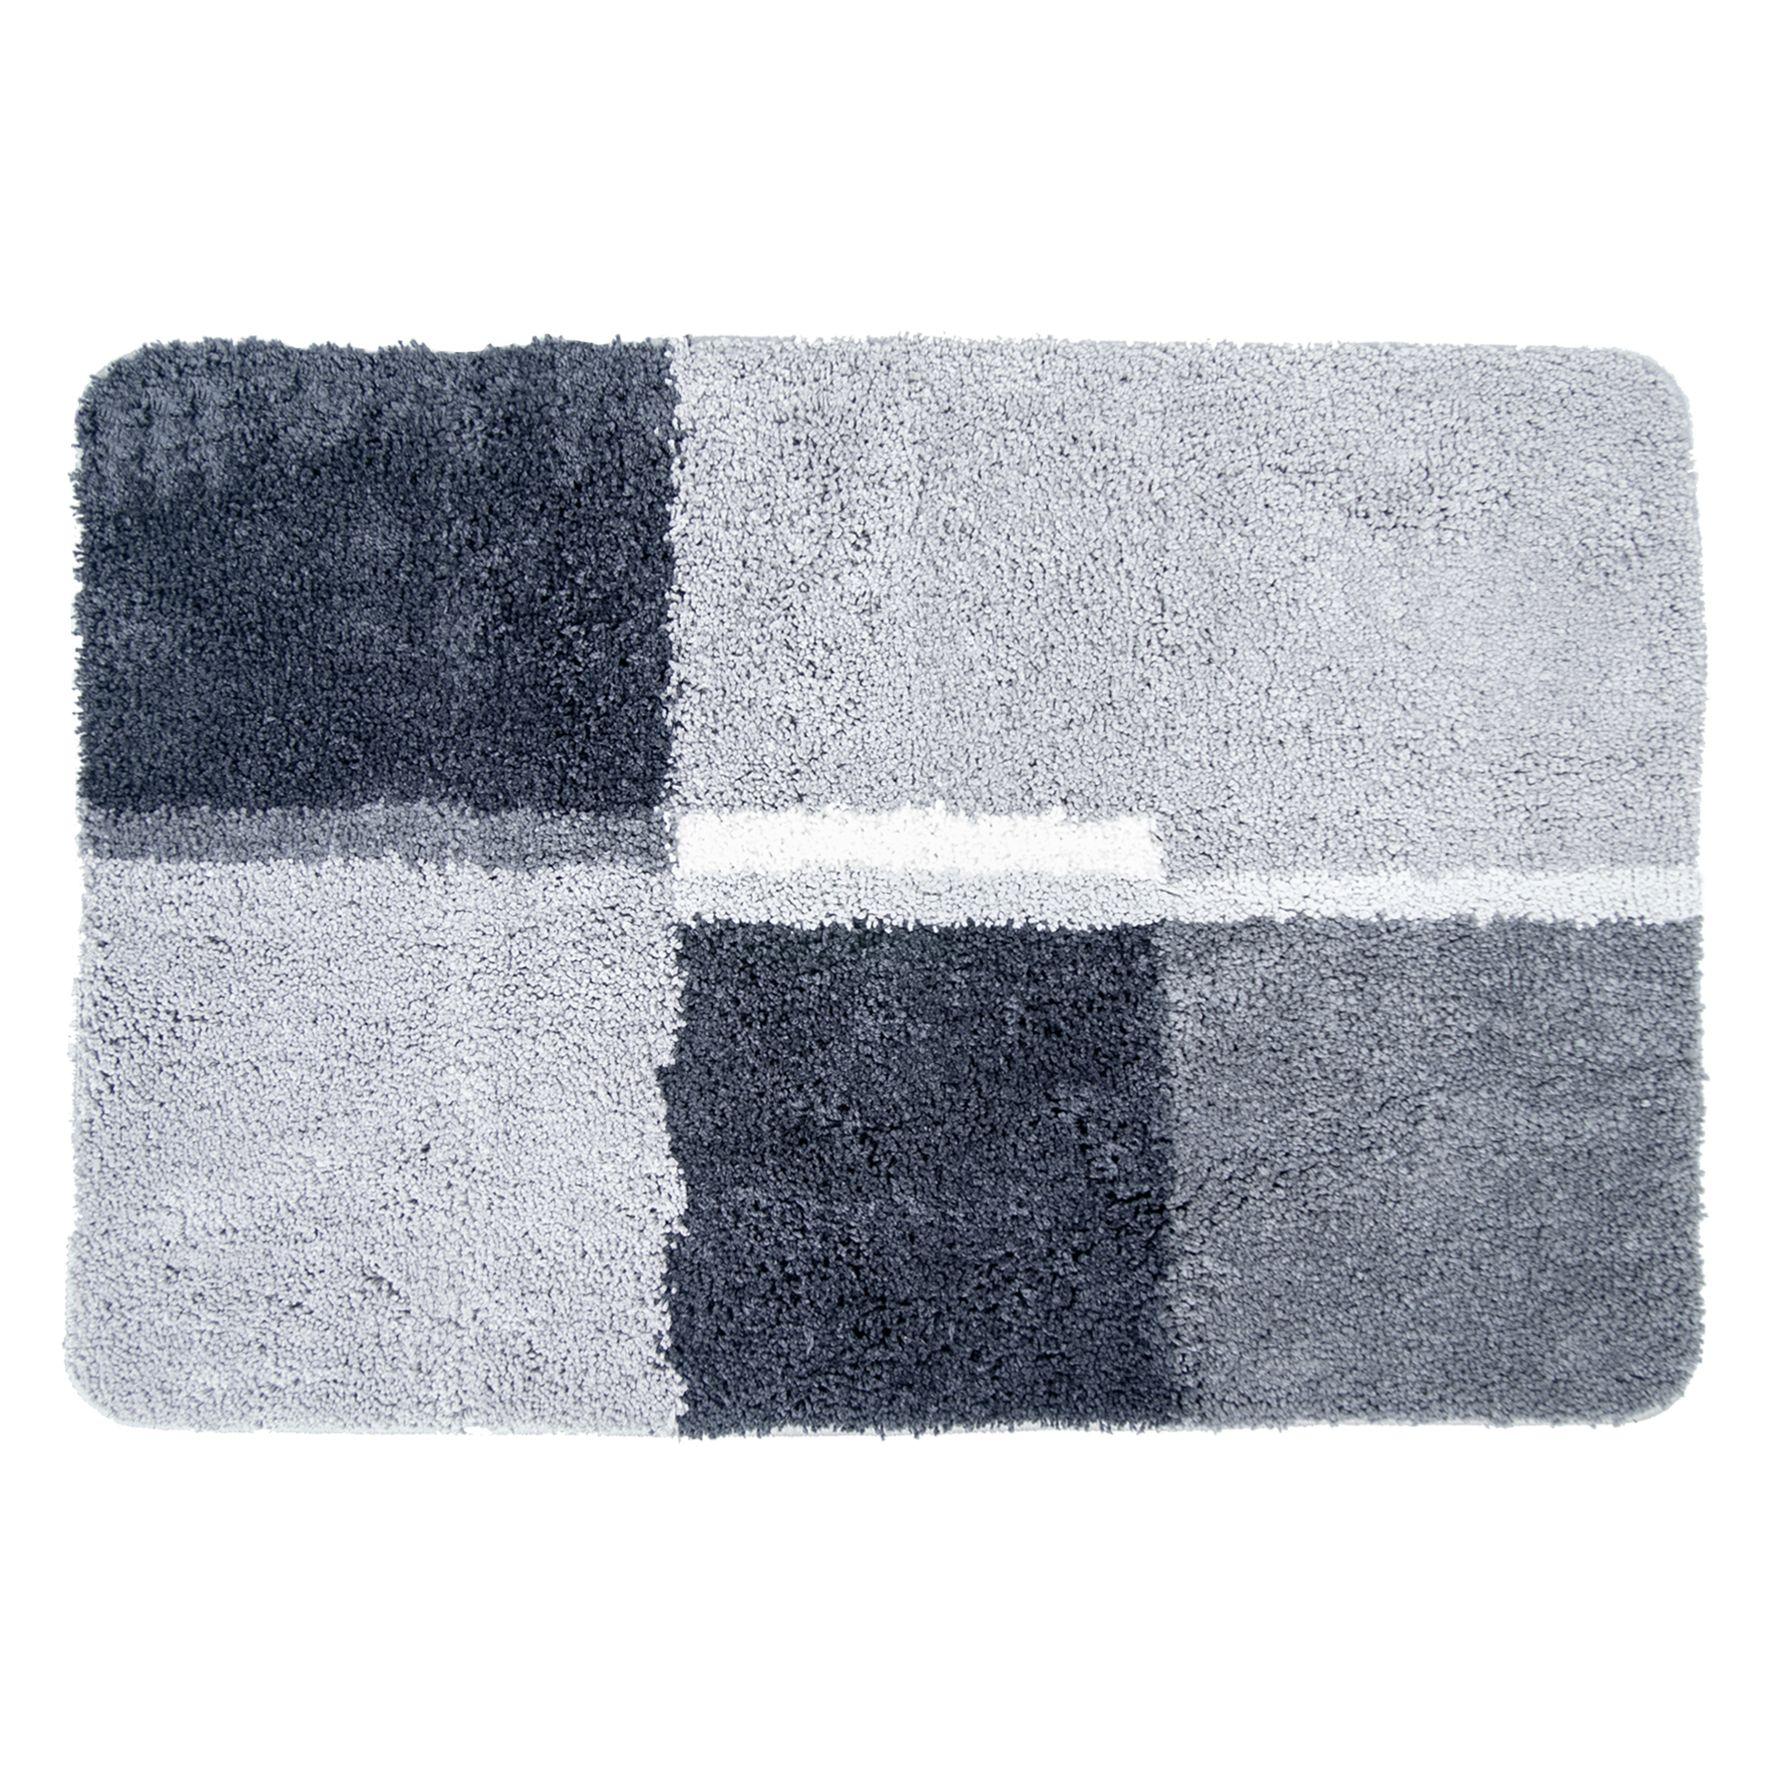 Differnz Cubes badmat 60x90 grijs